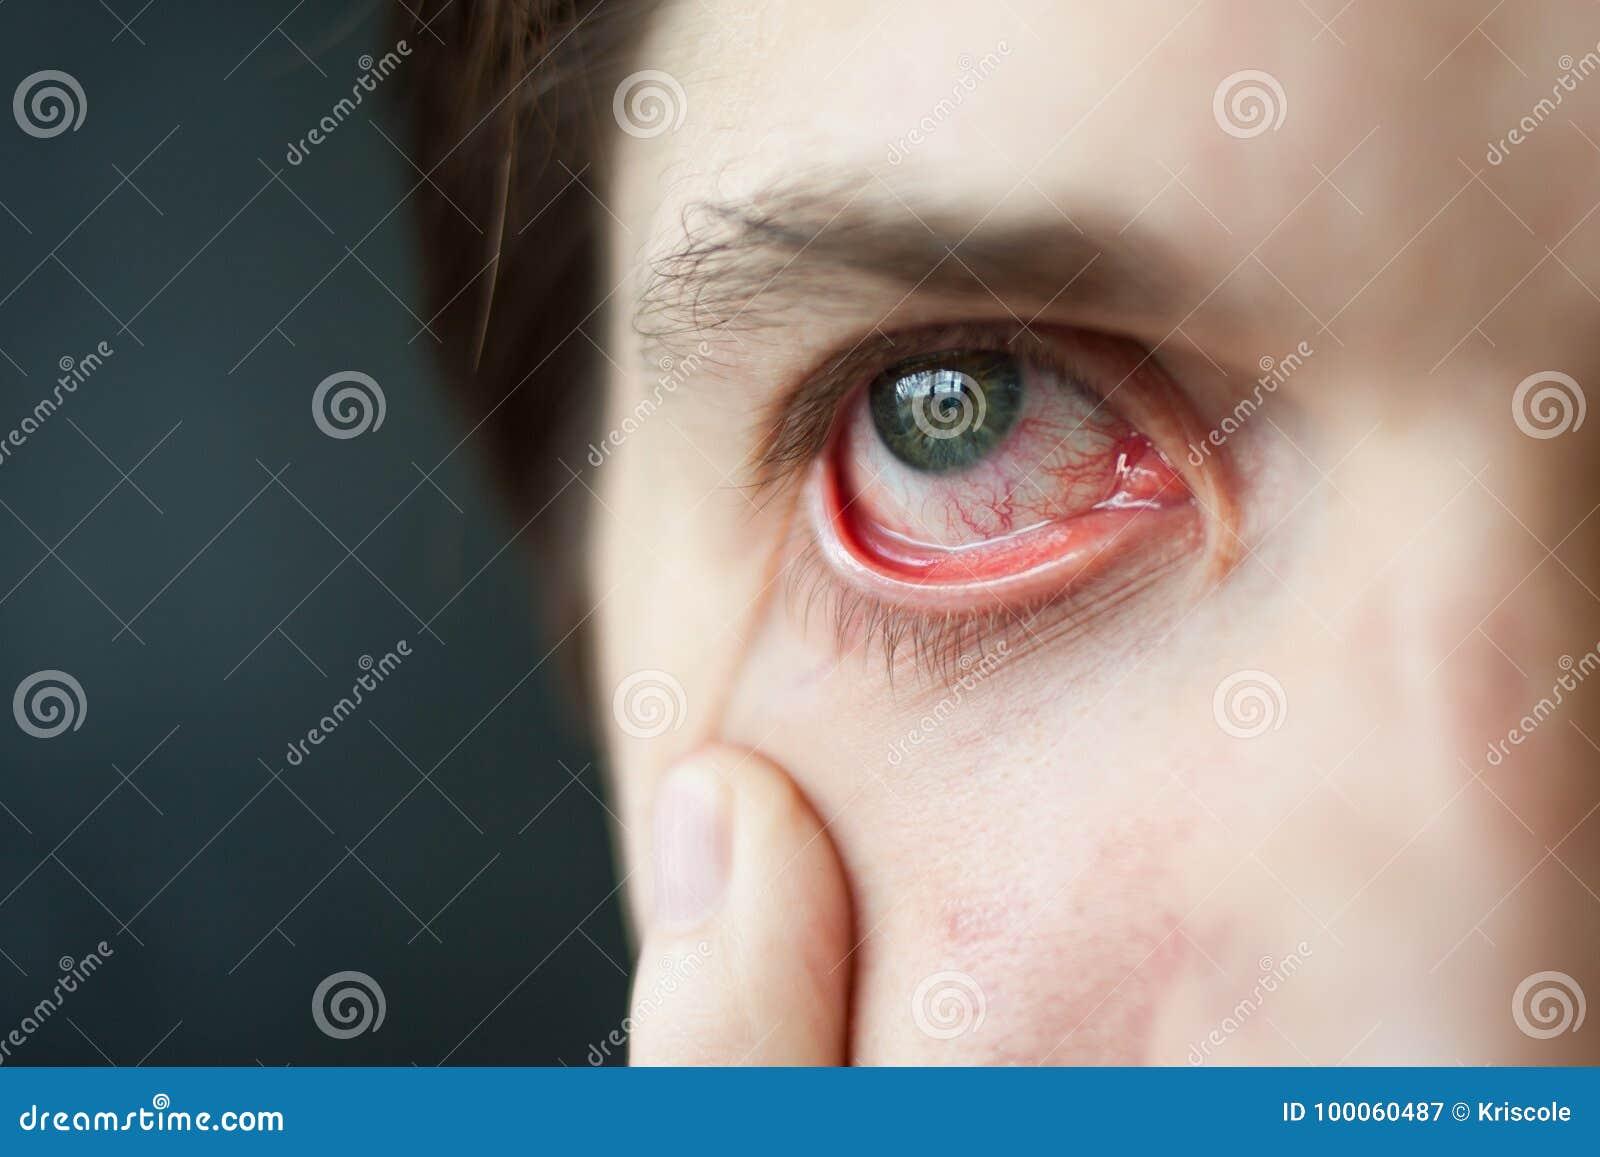 Rood het oogclose-up van mensen, moeheid, problemen met bloedvat